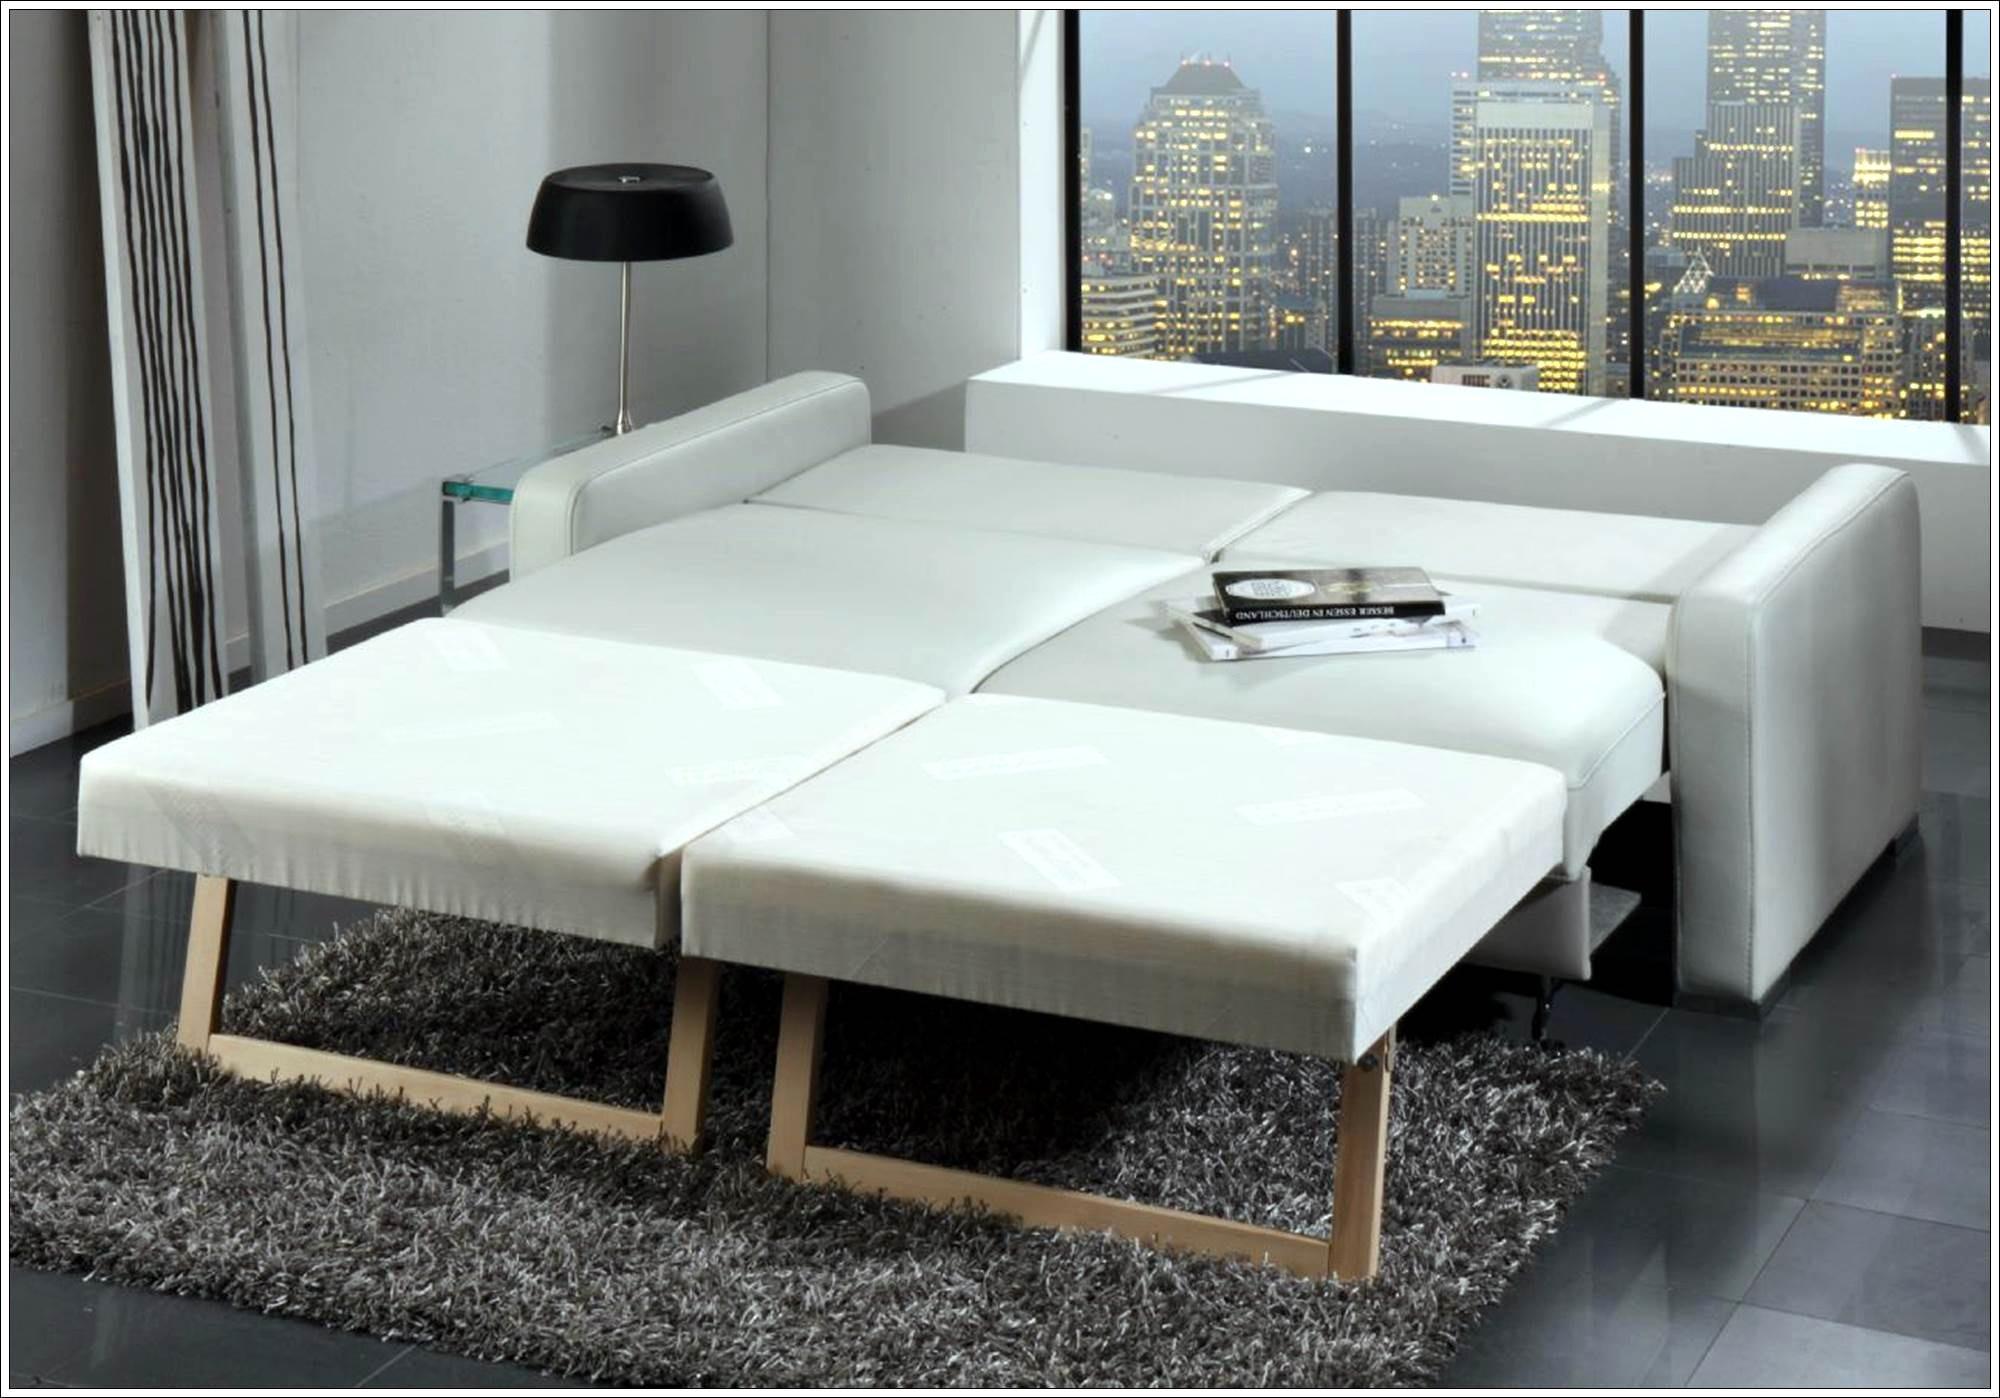 Canapé Rapido Ikea Impressionnant Image Les Idées De Ma Maison